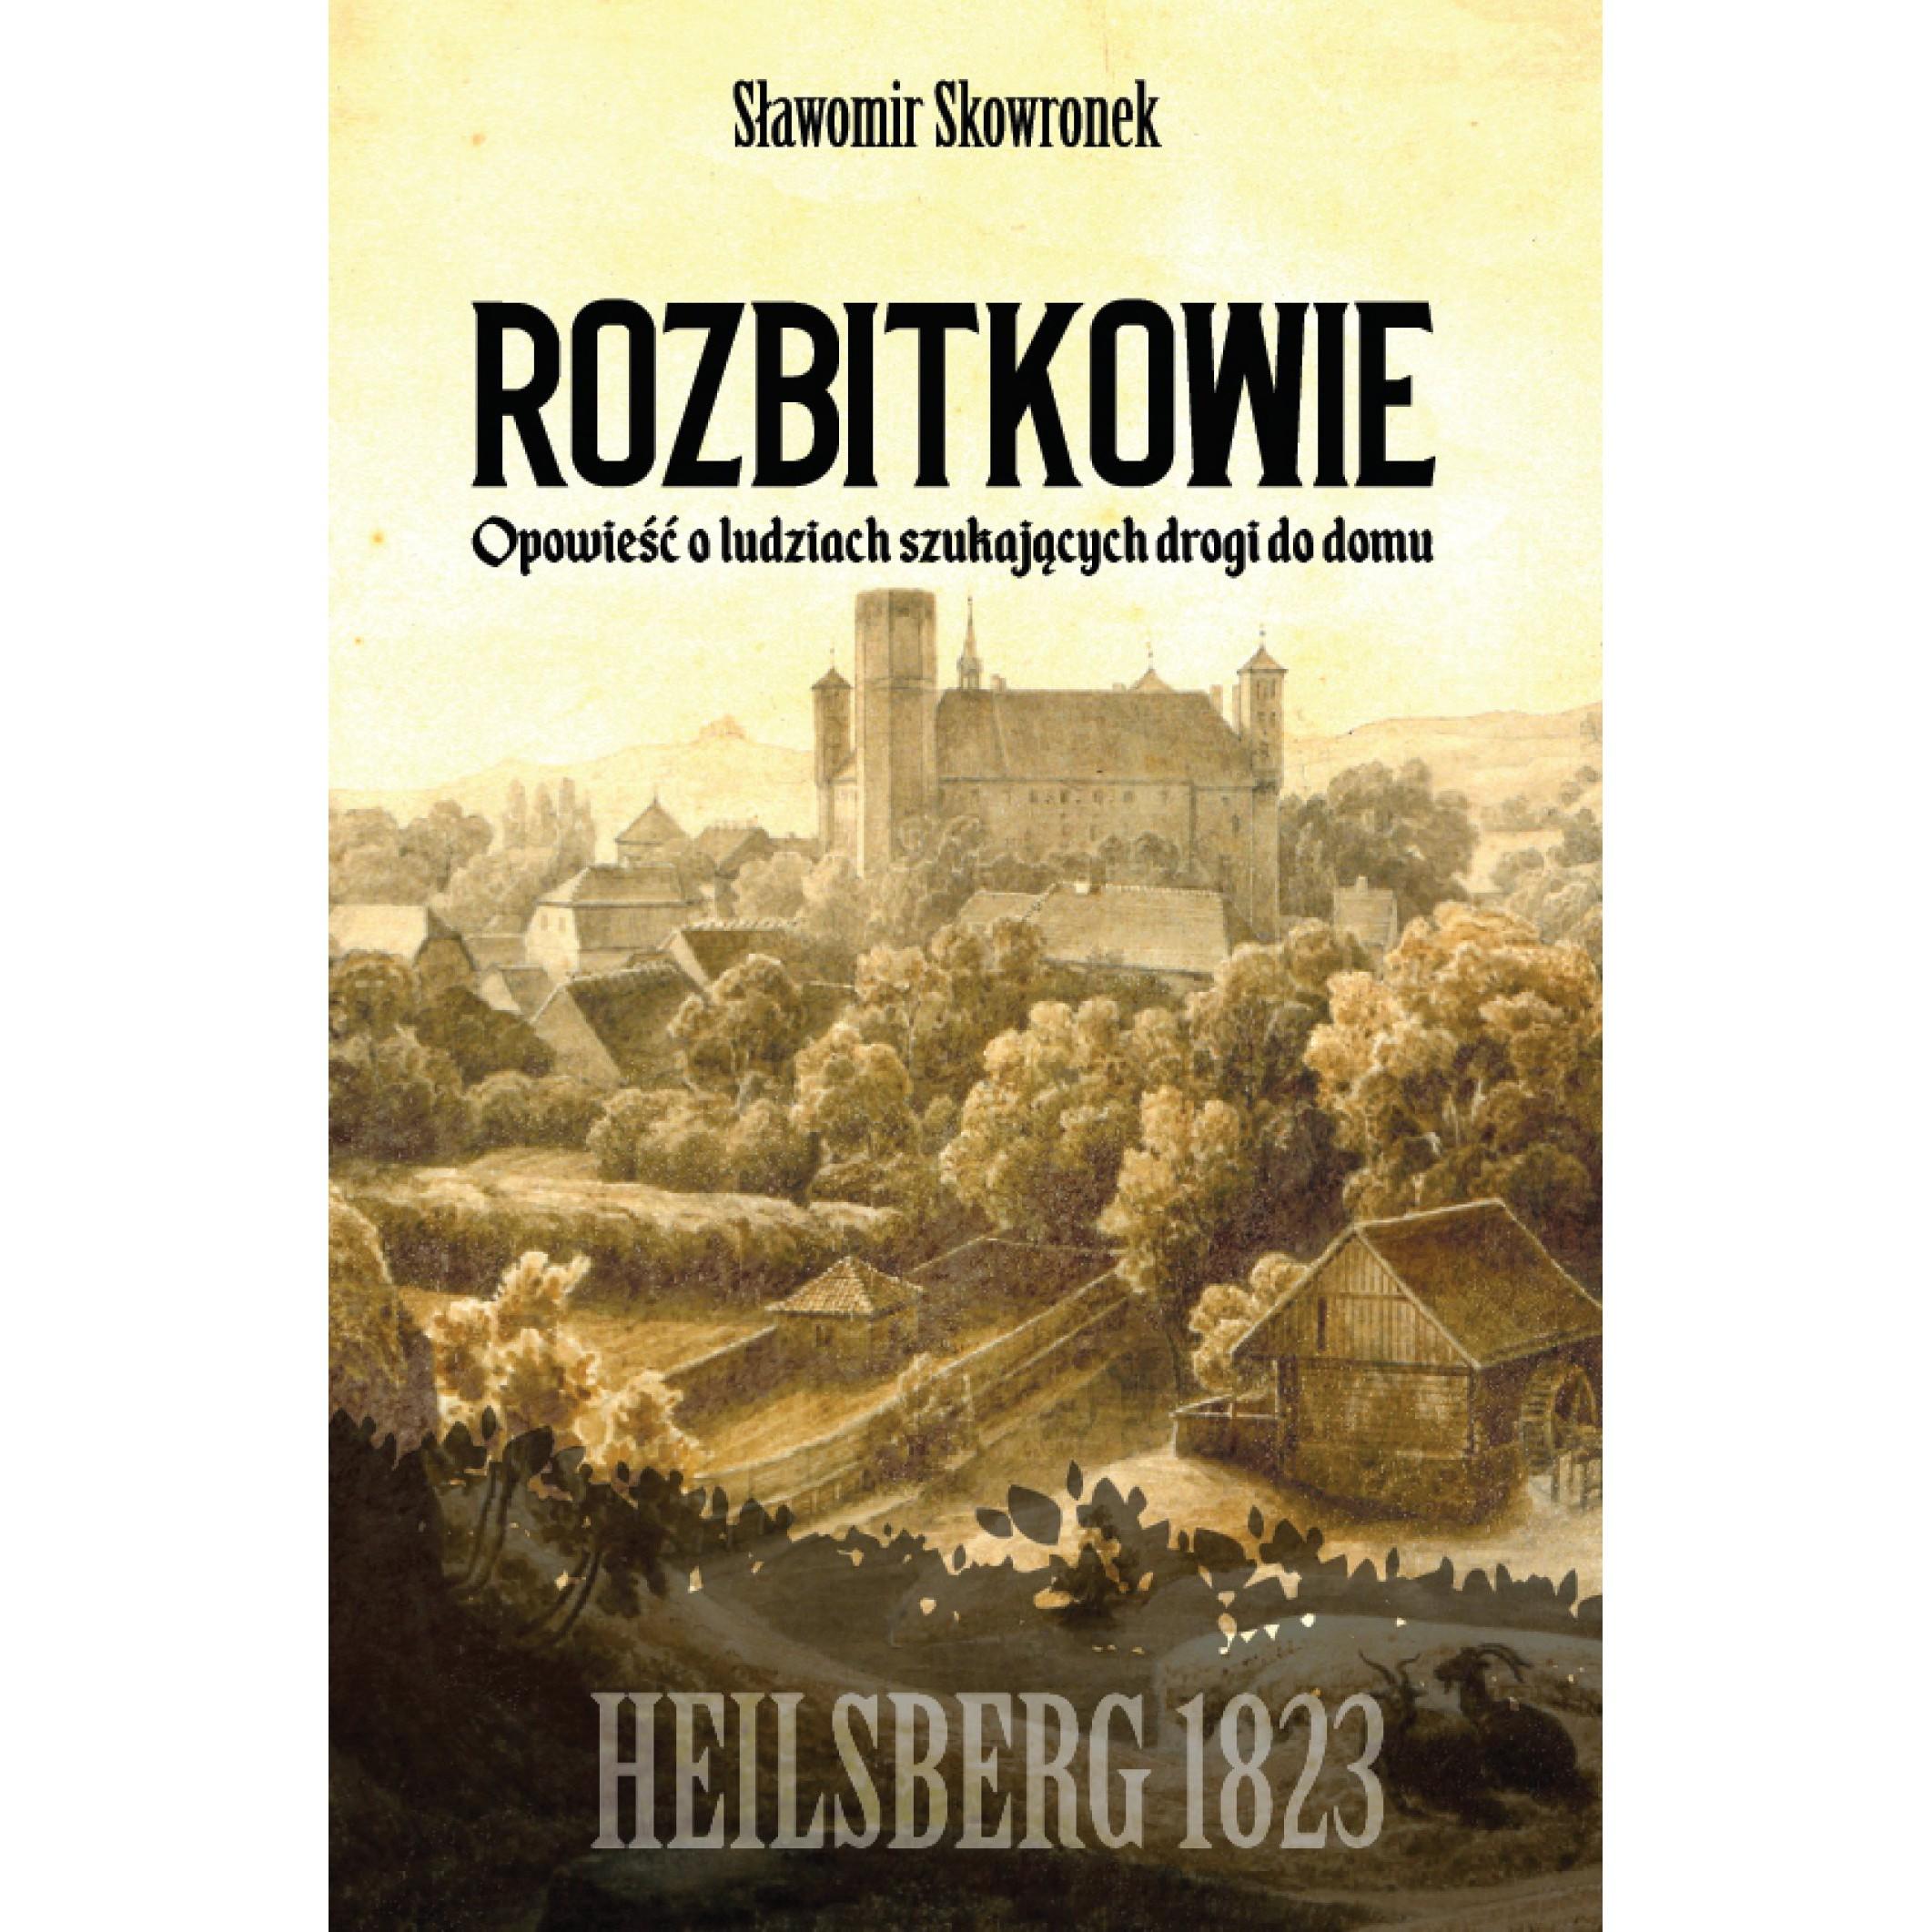 Rozbitkowie. Heilsberg roku 1823. Opowieść o ludziach szukających drogi do domu